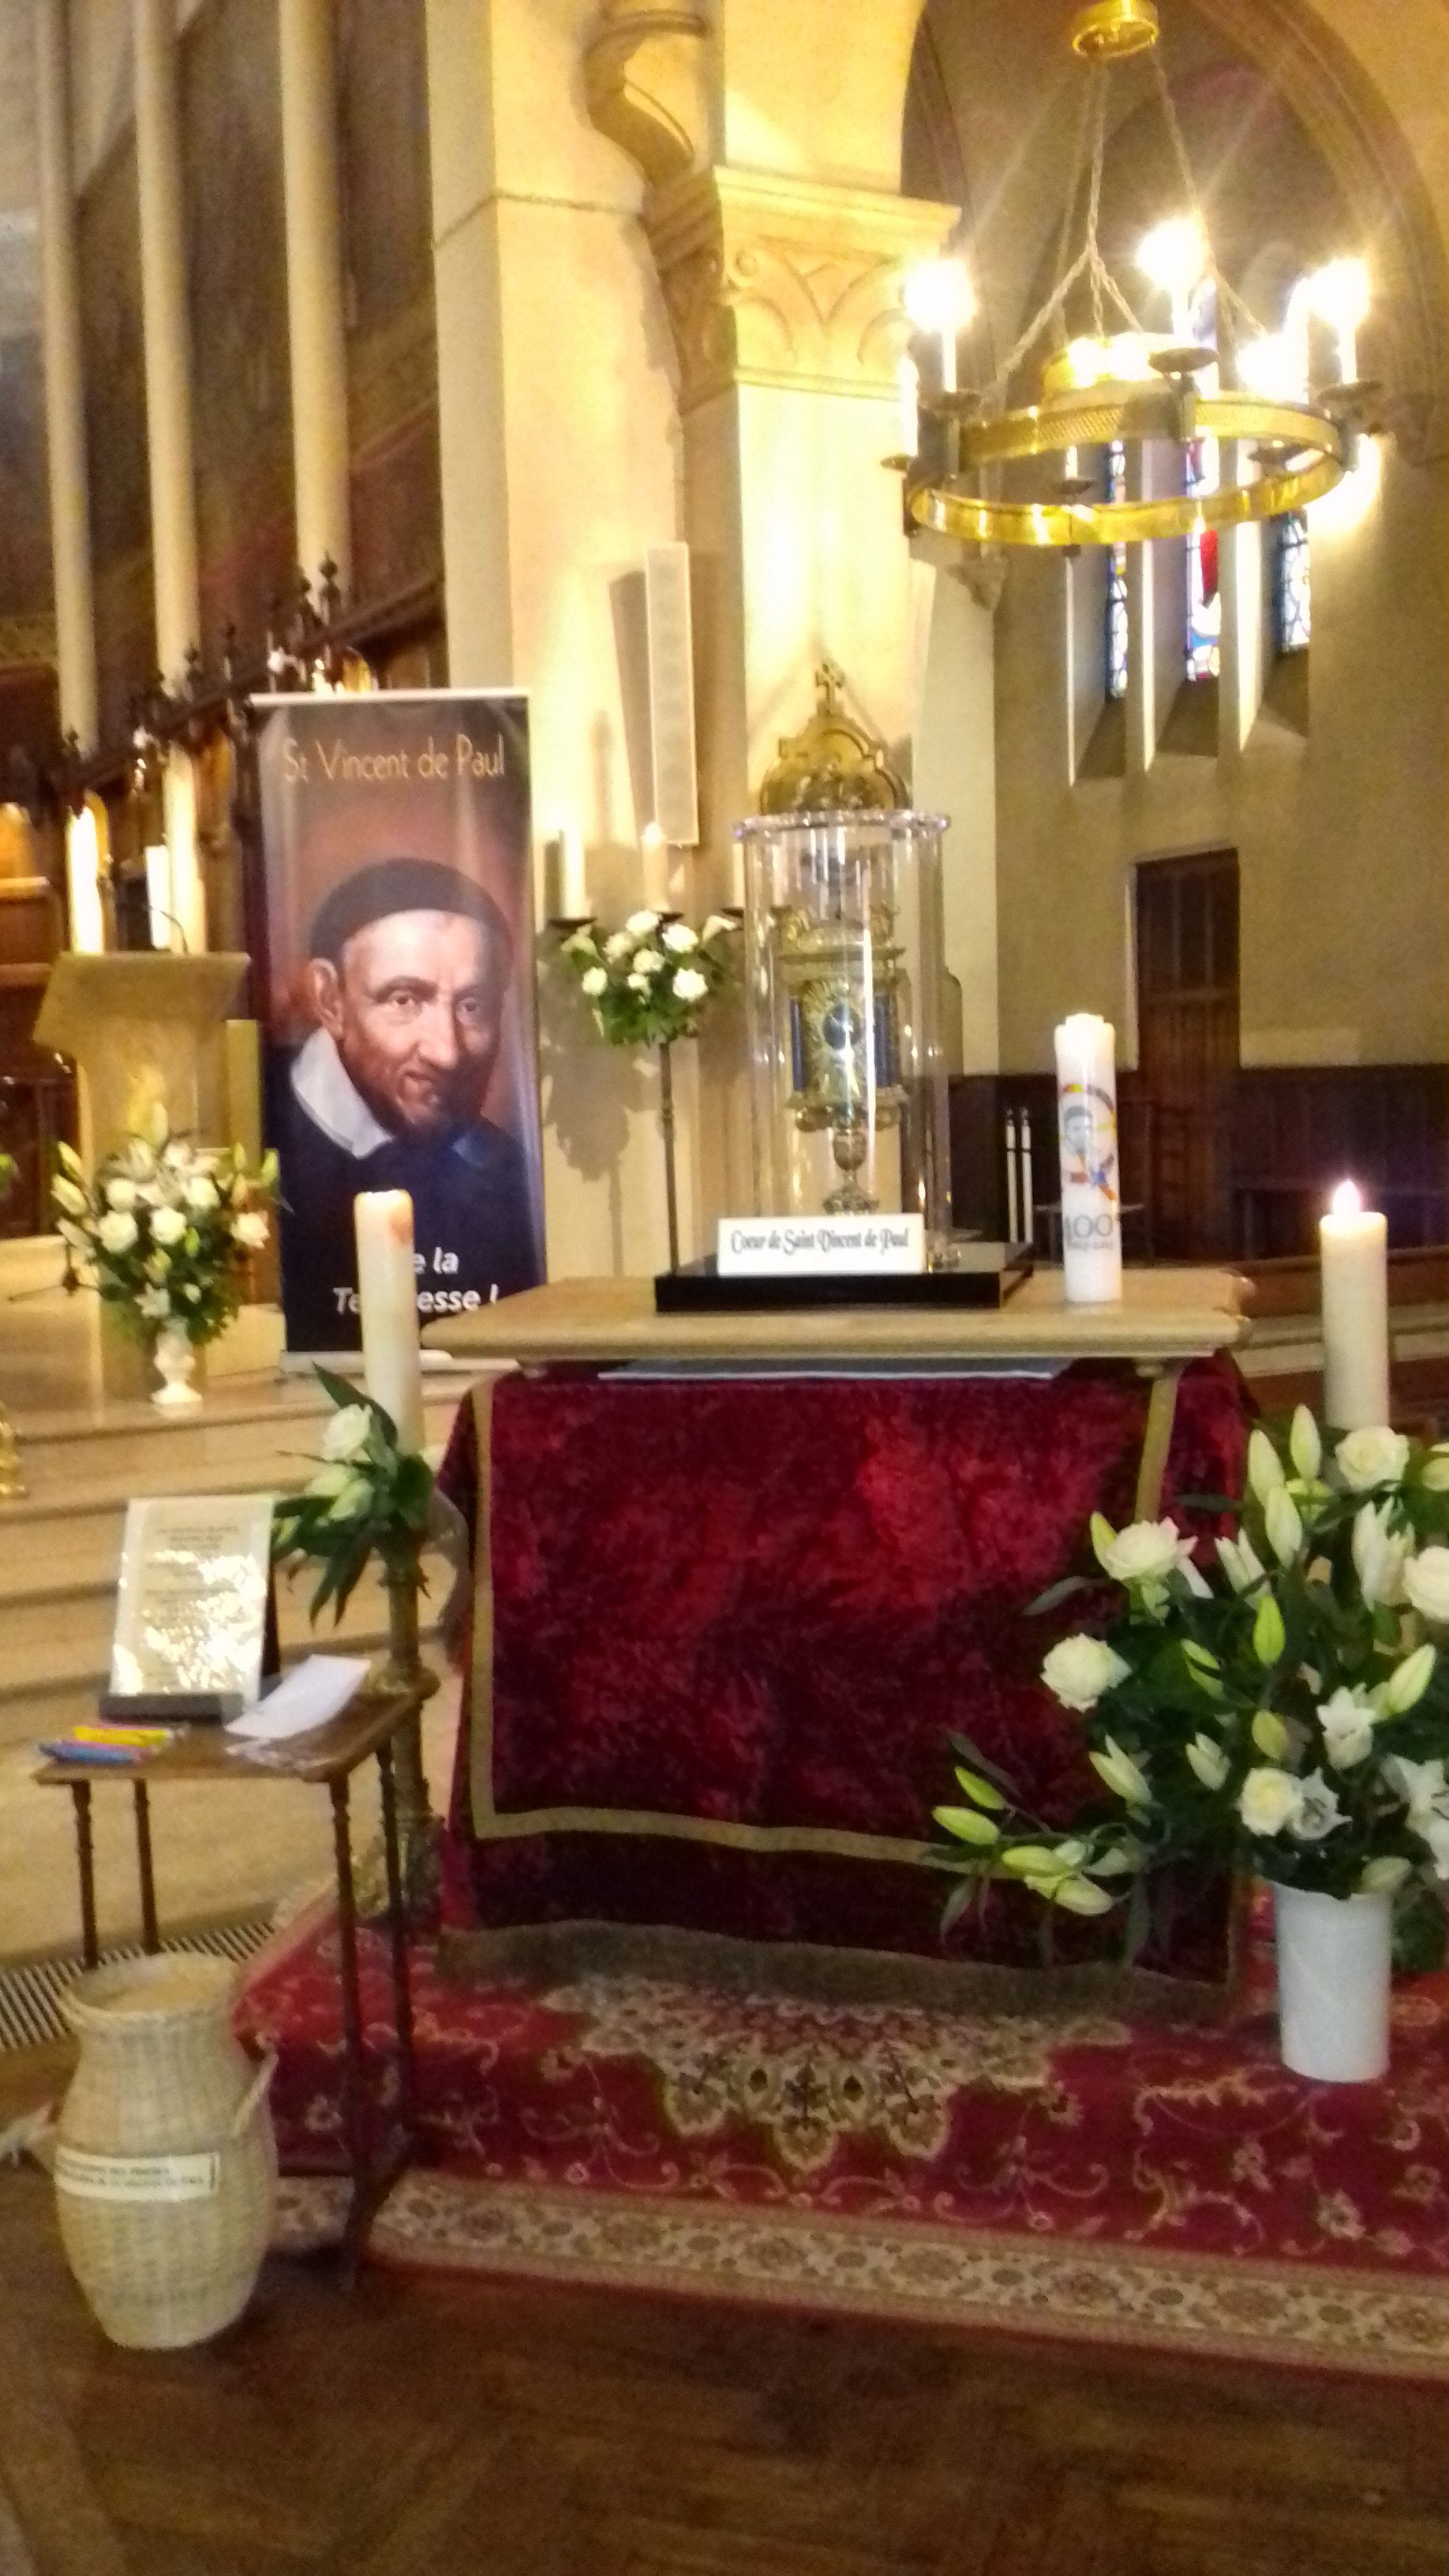 Cœur de St Vincent à la Paroisse de l'Immaculée Conception – Paris